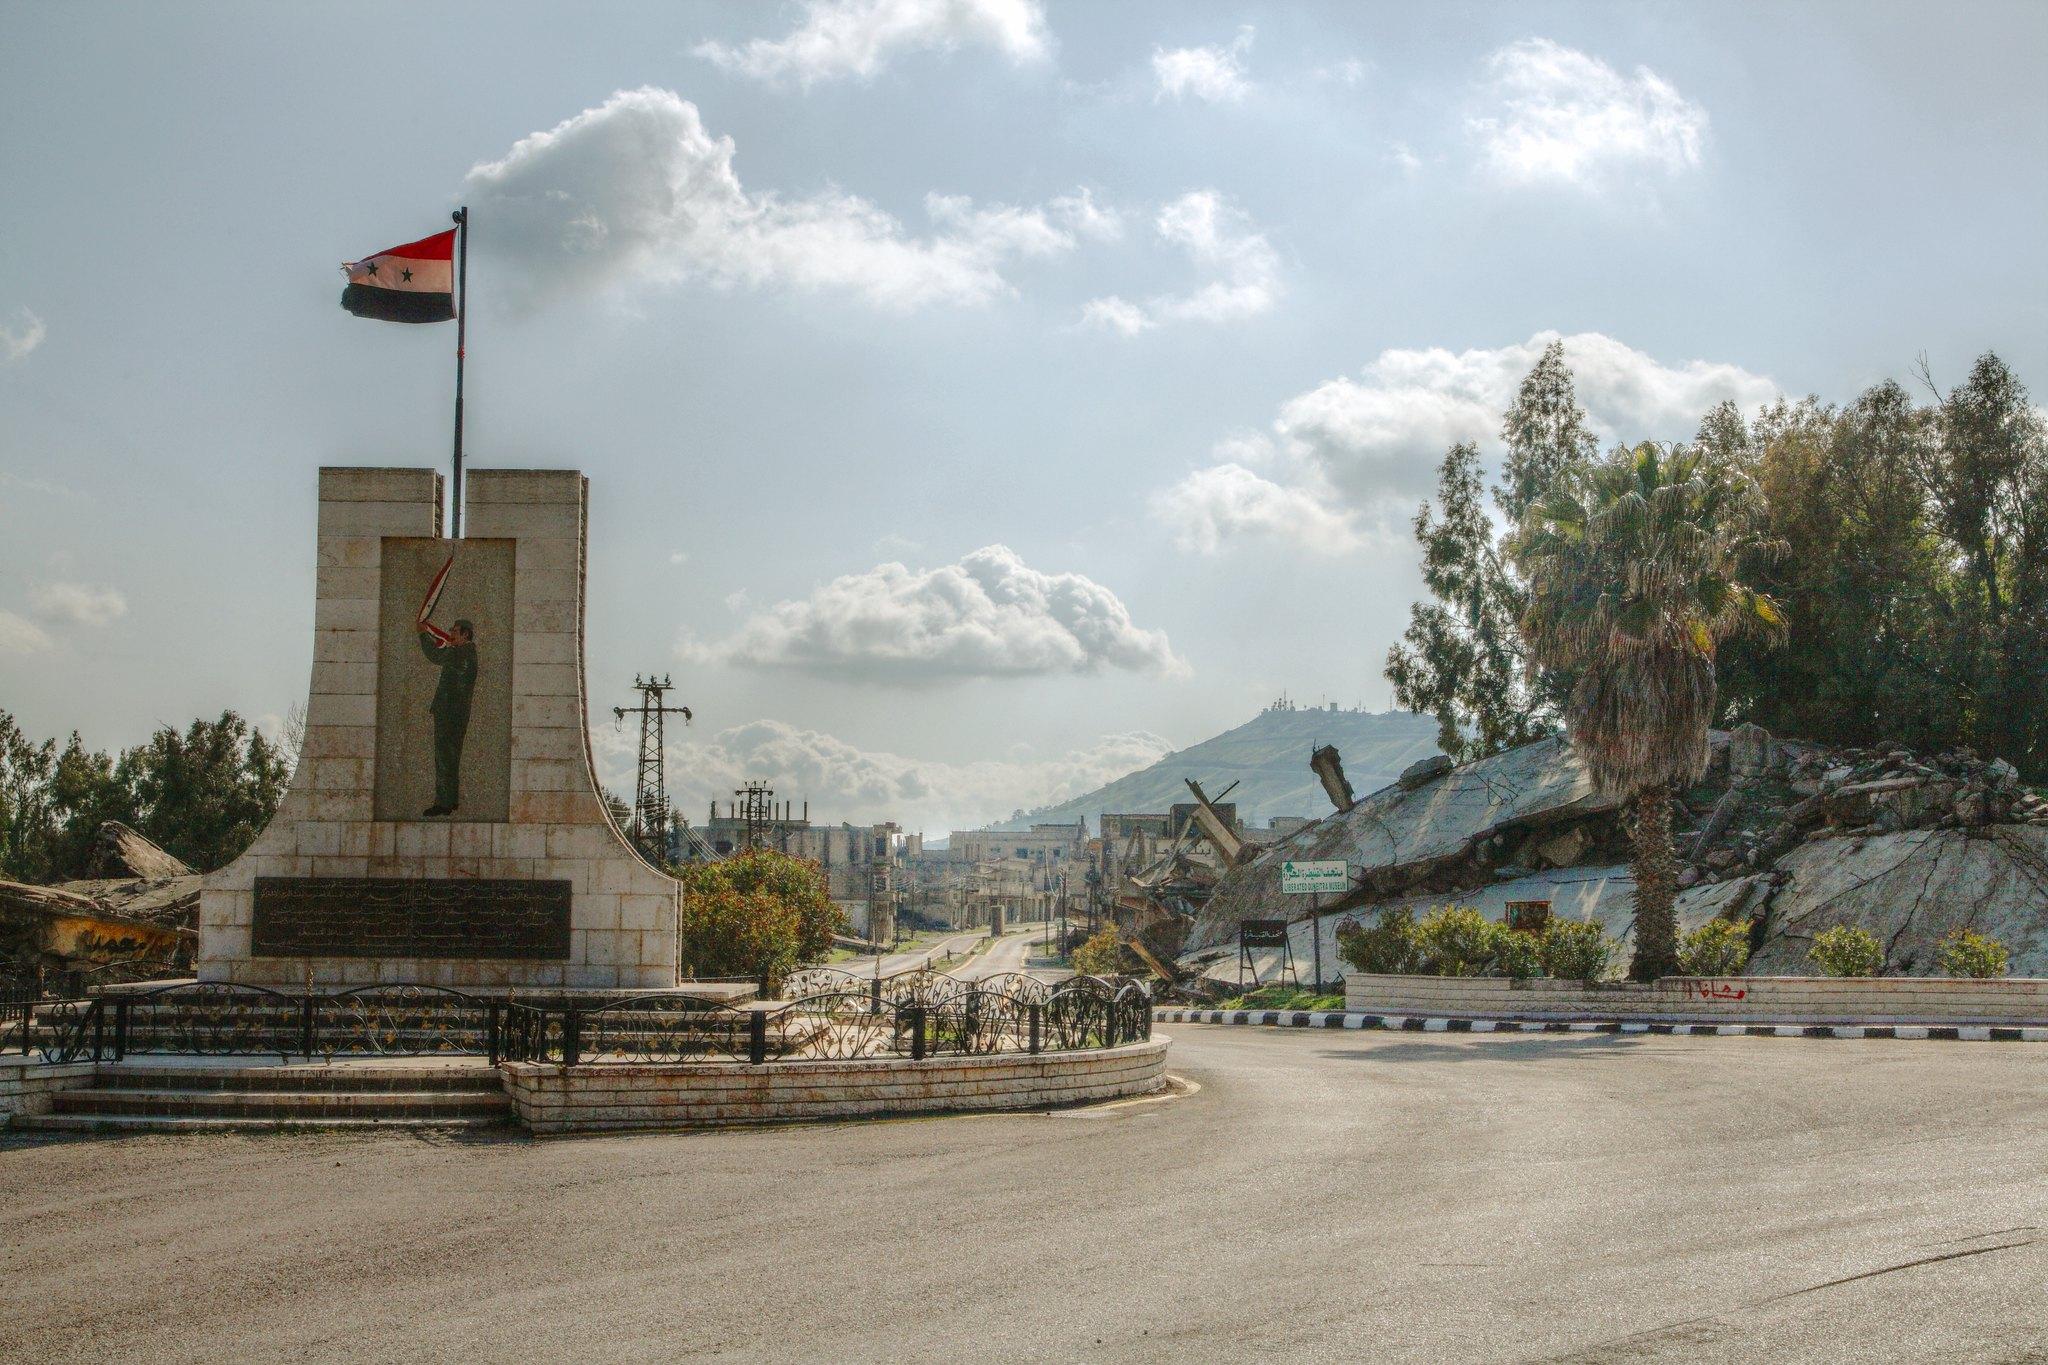 Cosa farà l'Iran con la Siria?